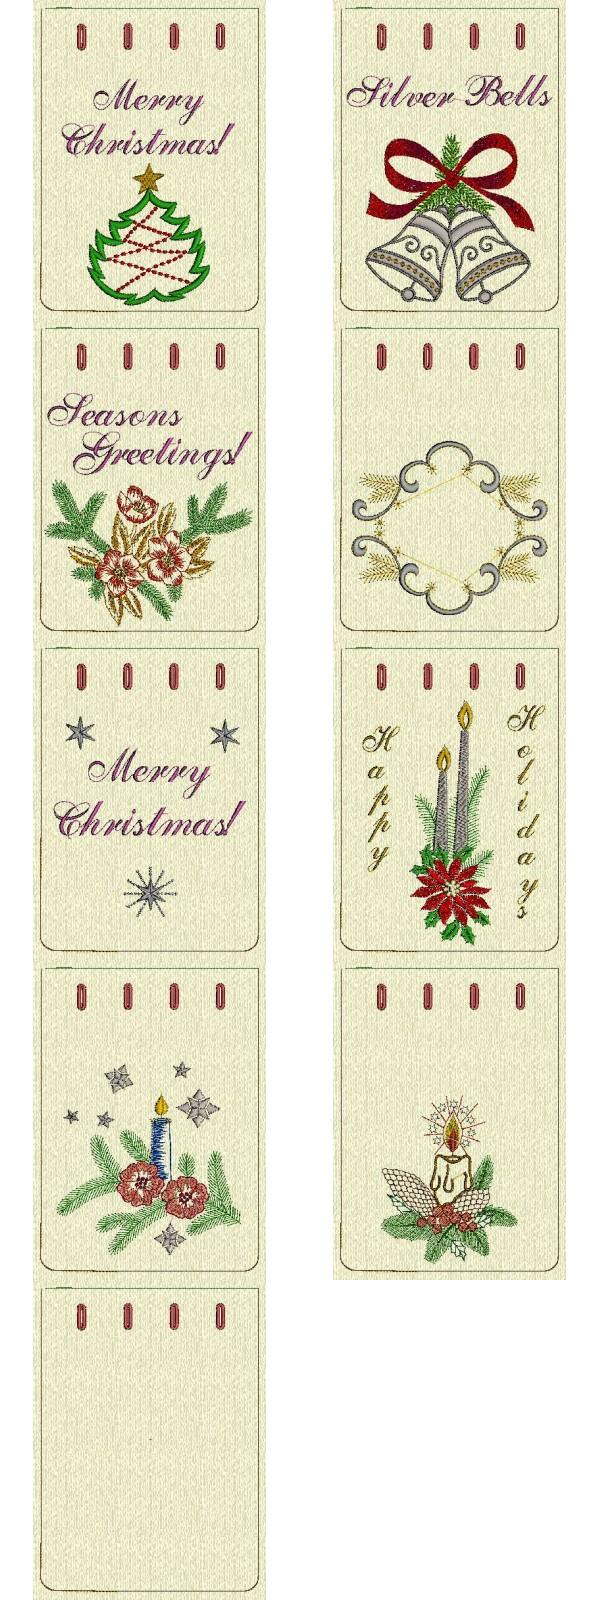 Machine Embroidery Christmas Gifts | Makaroka.com